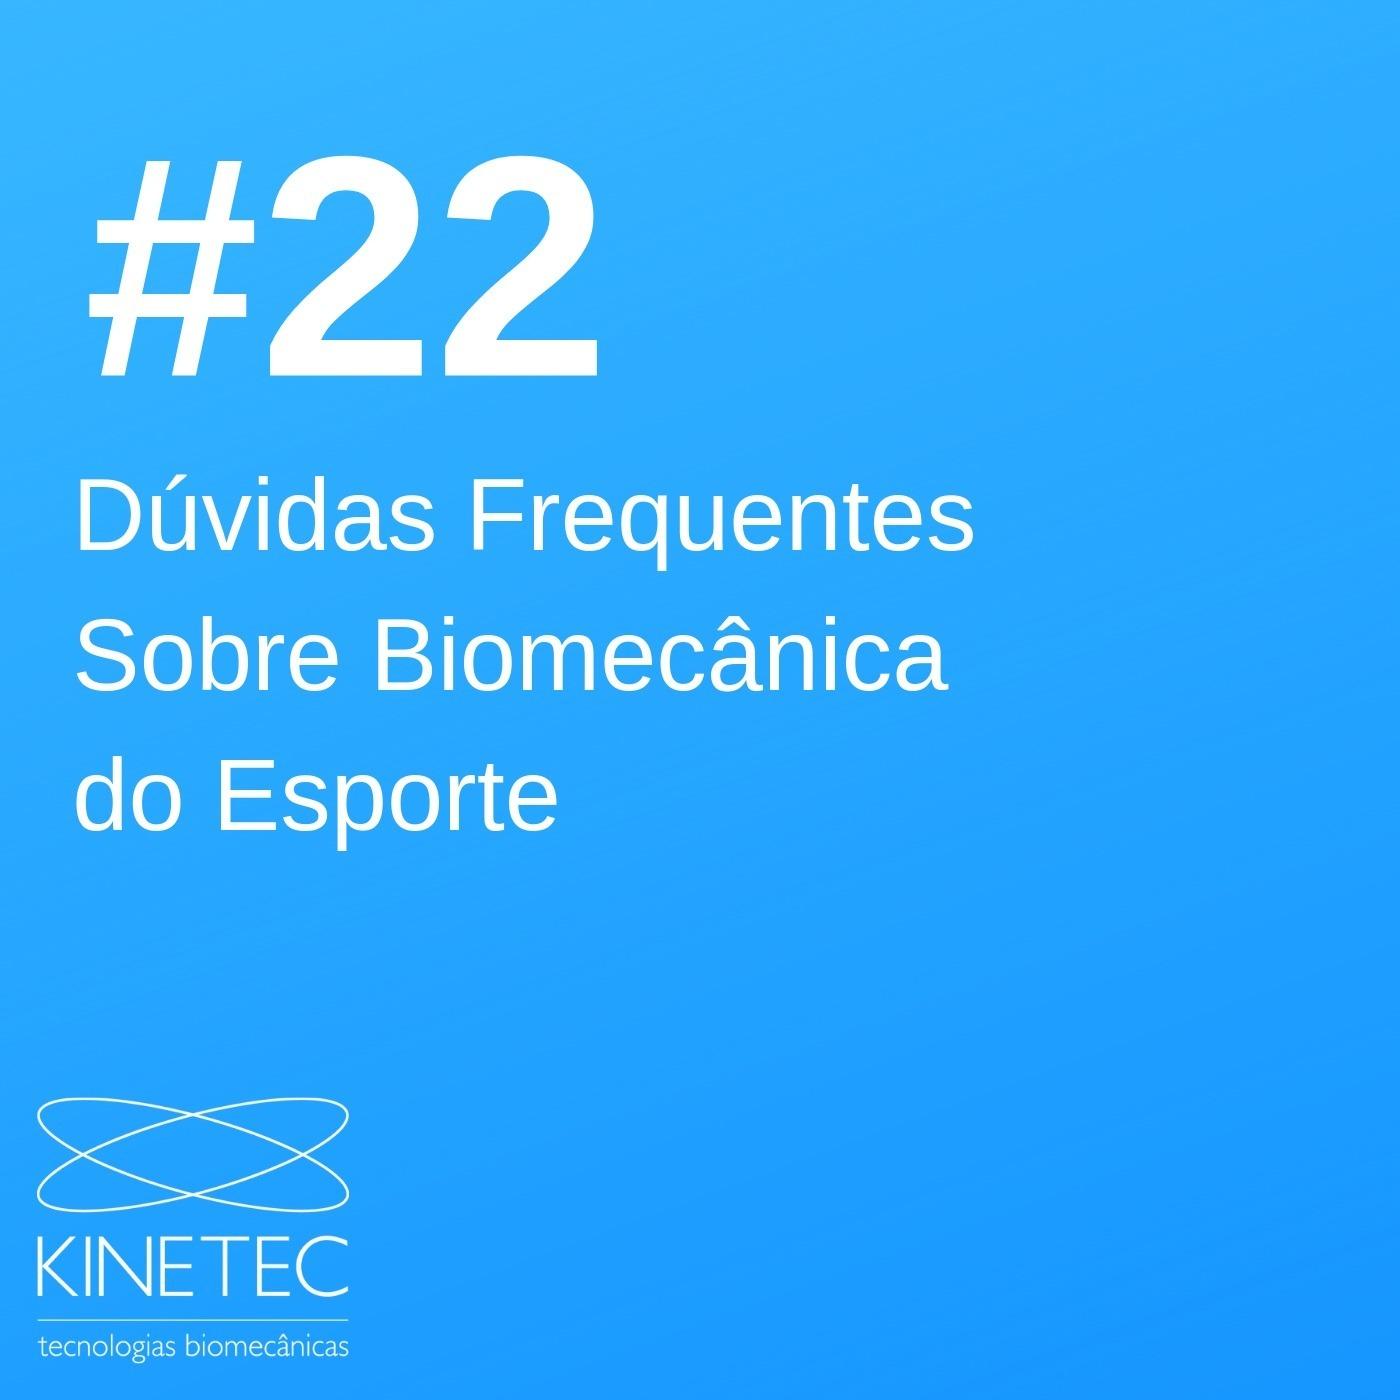 #022 Dúvidas frequentes sobre biomecânica do esporte